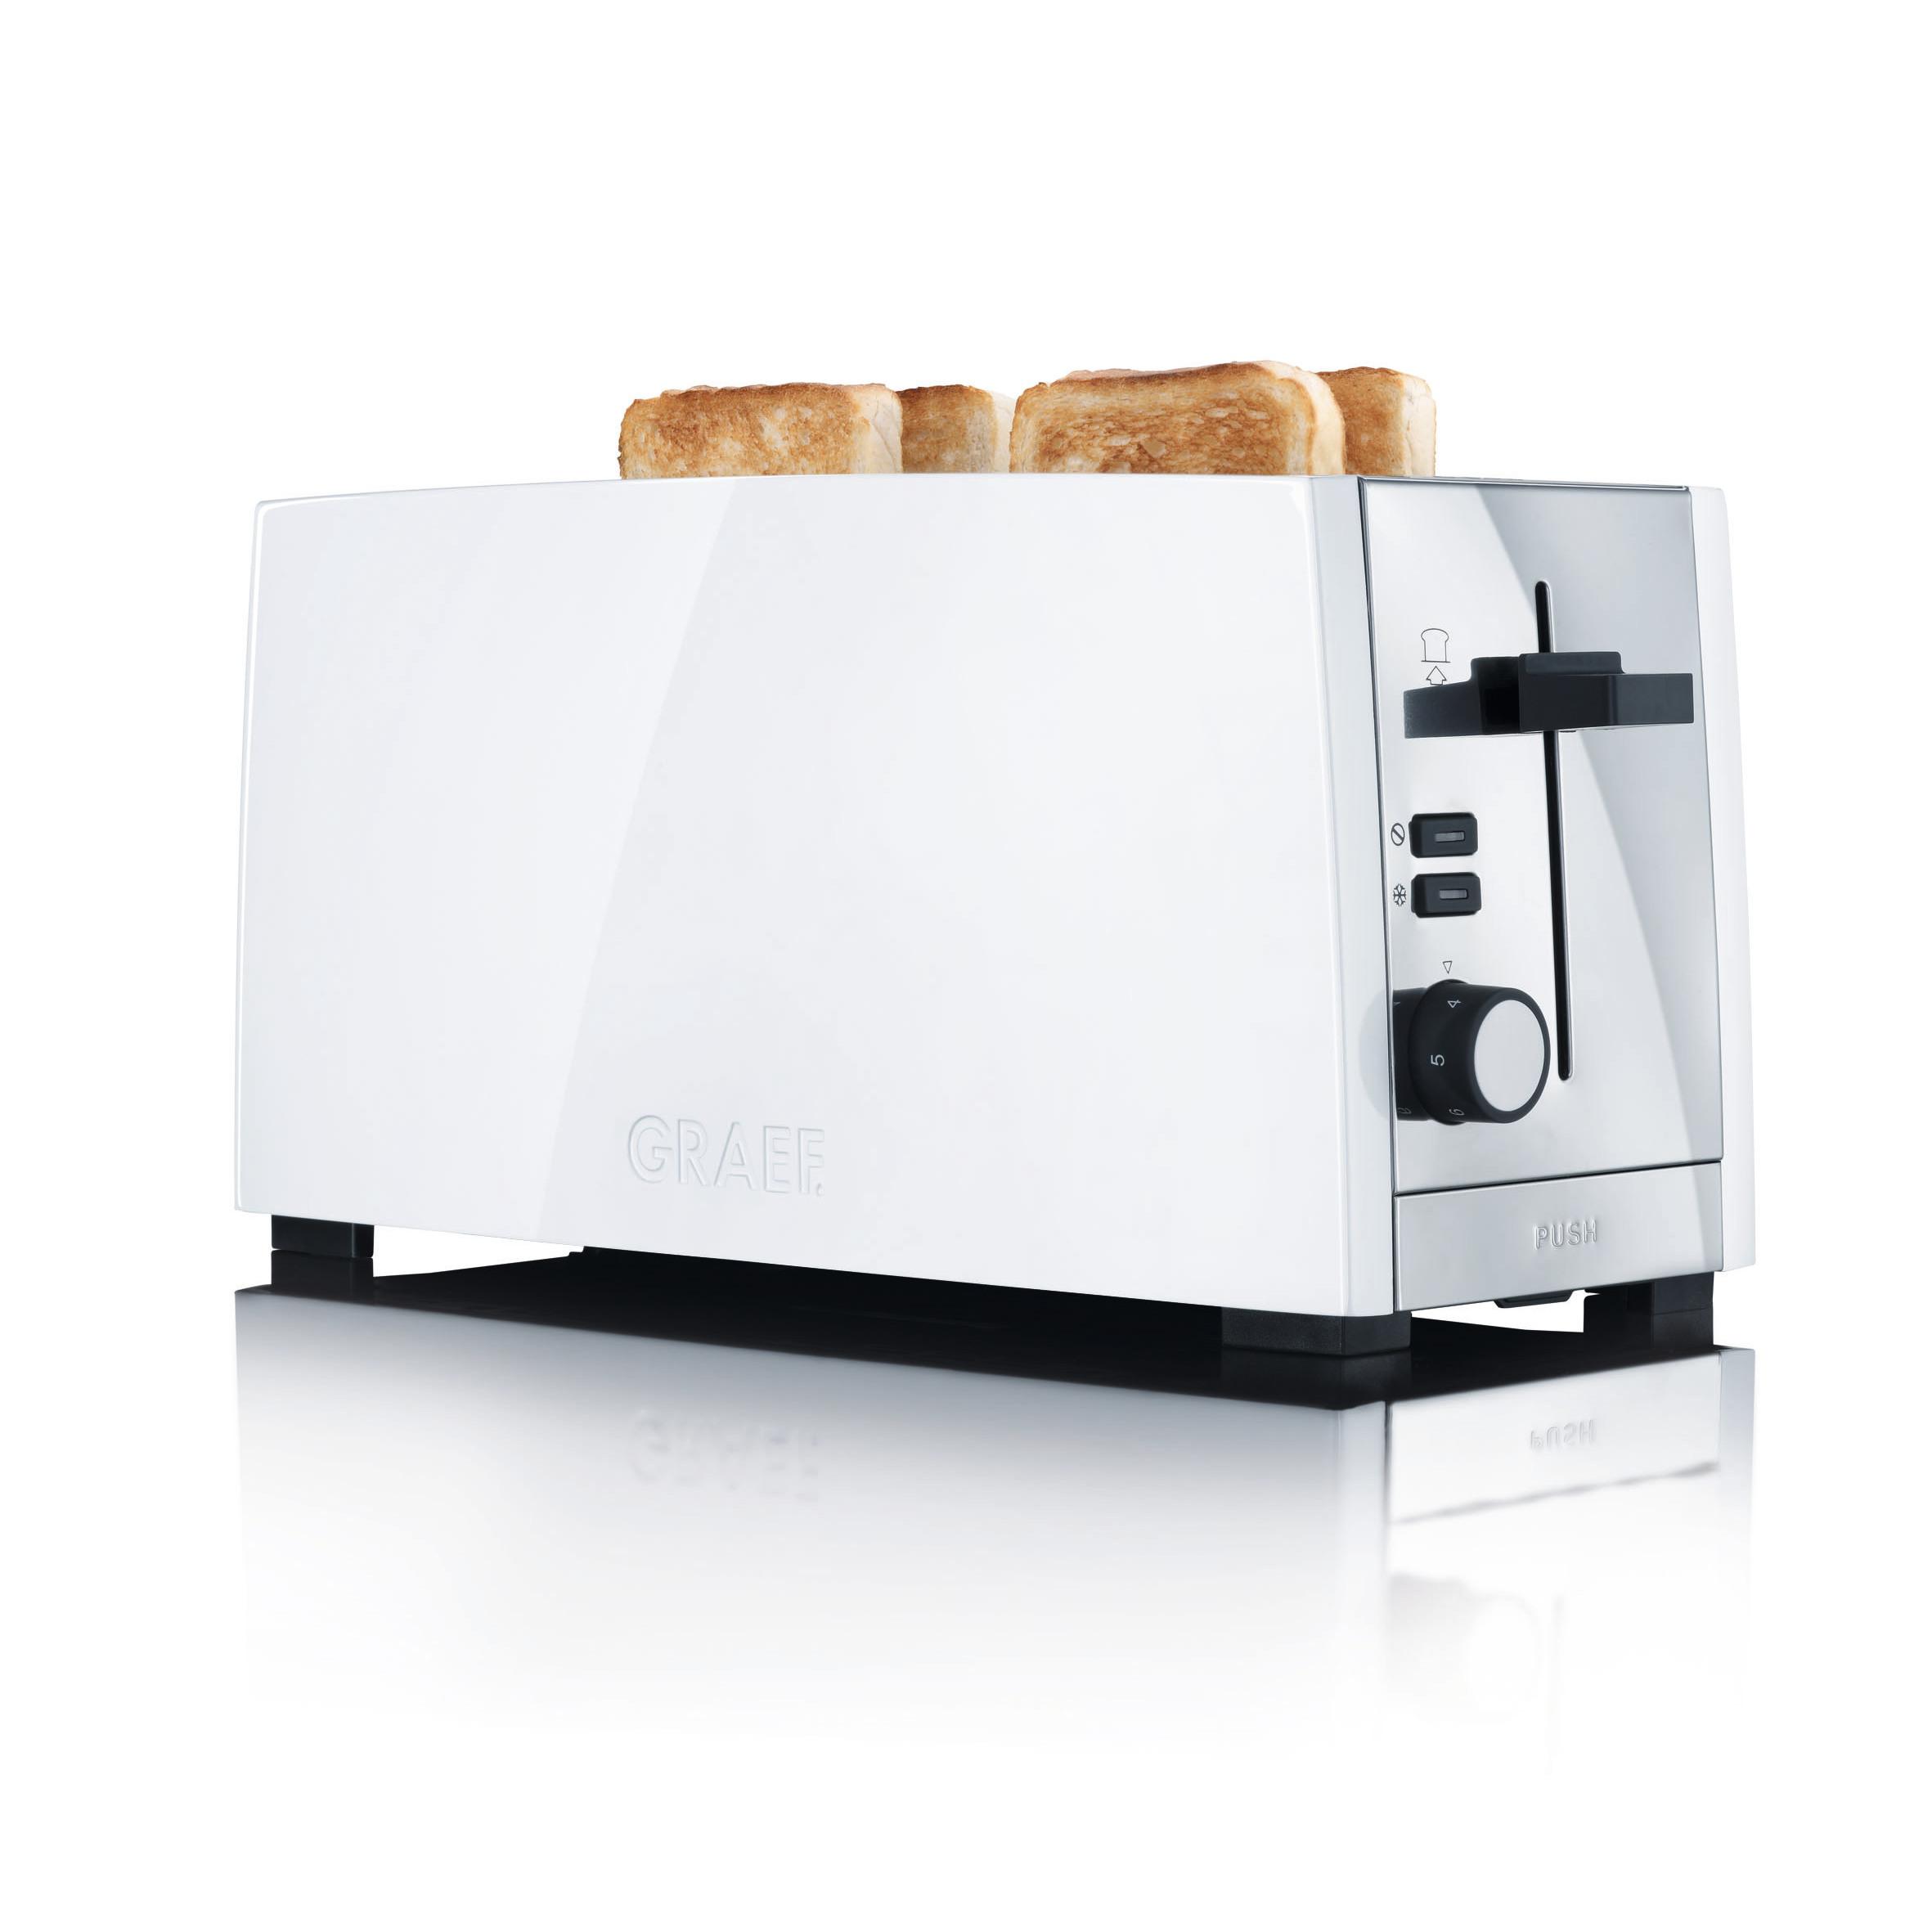 Doppel-Langschlitztoaster Weiß Toaster Brötchen 4 Scheiben